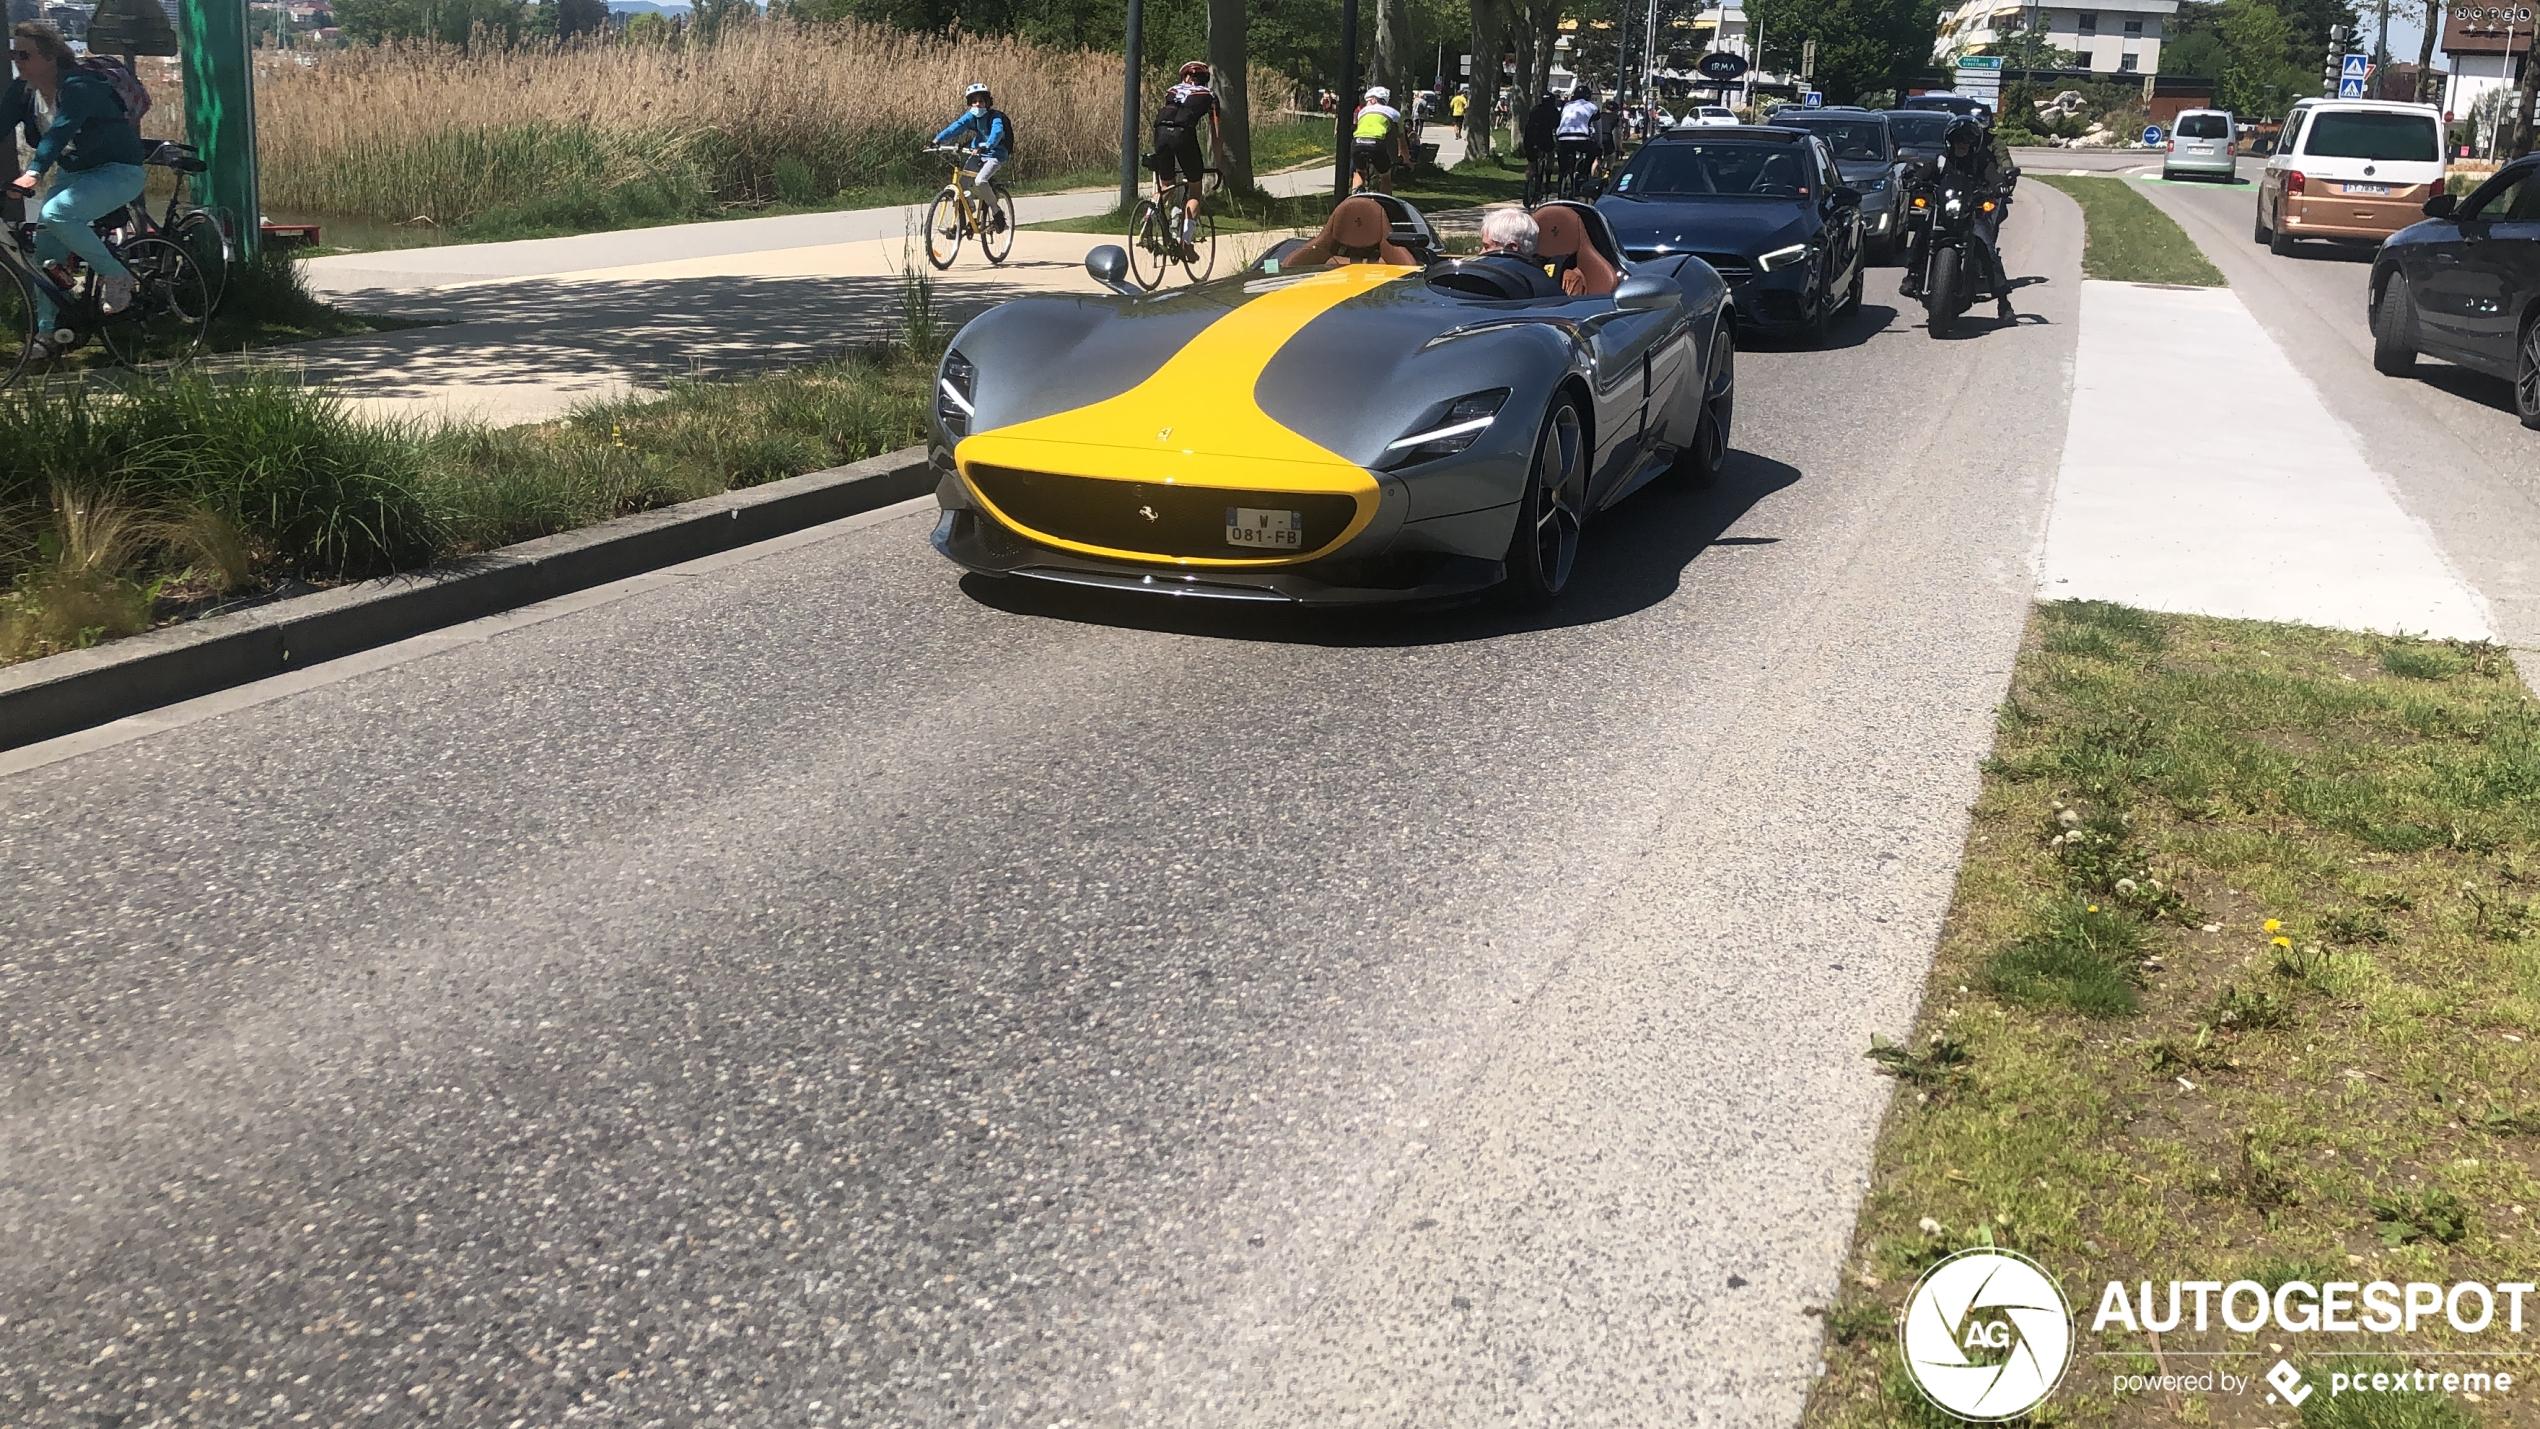 Annecy laat weer van zich horen met deze Ferrari Monza SP2